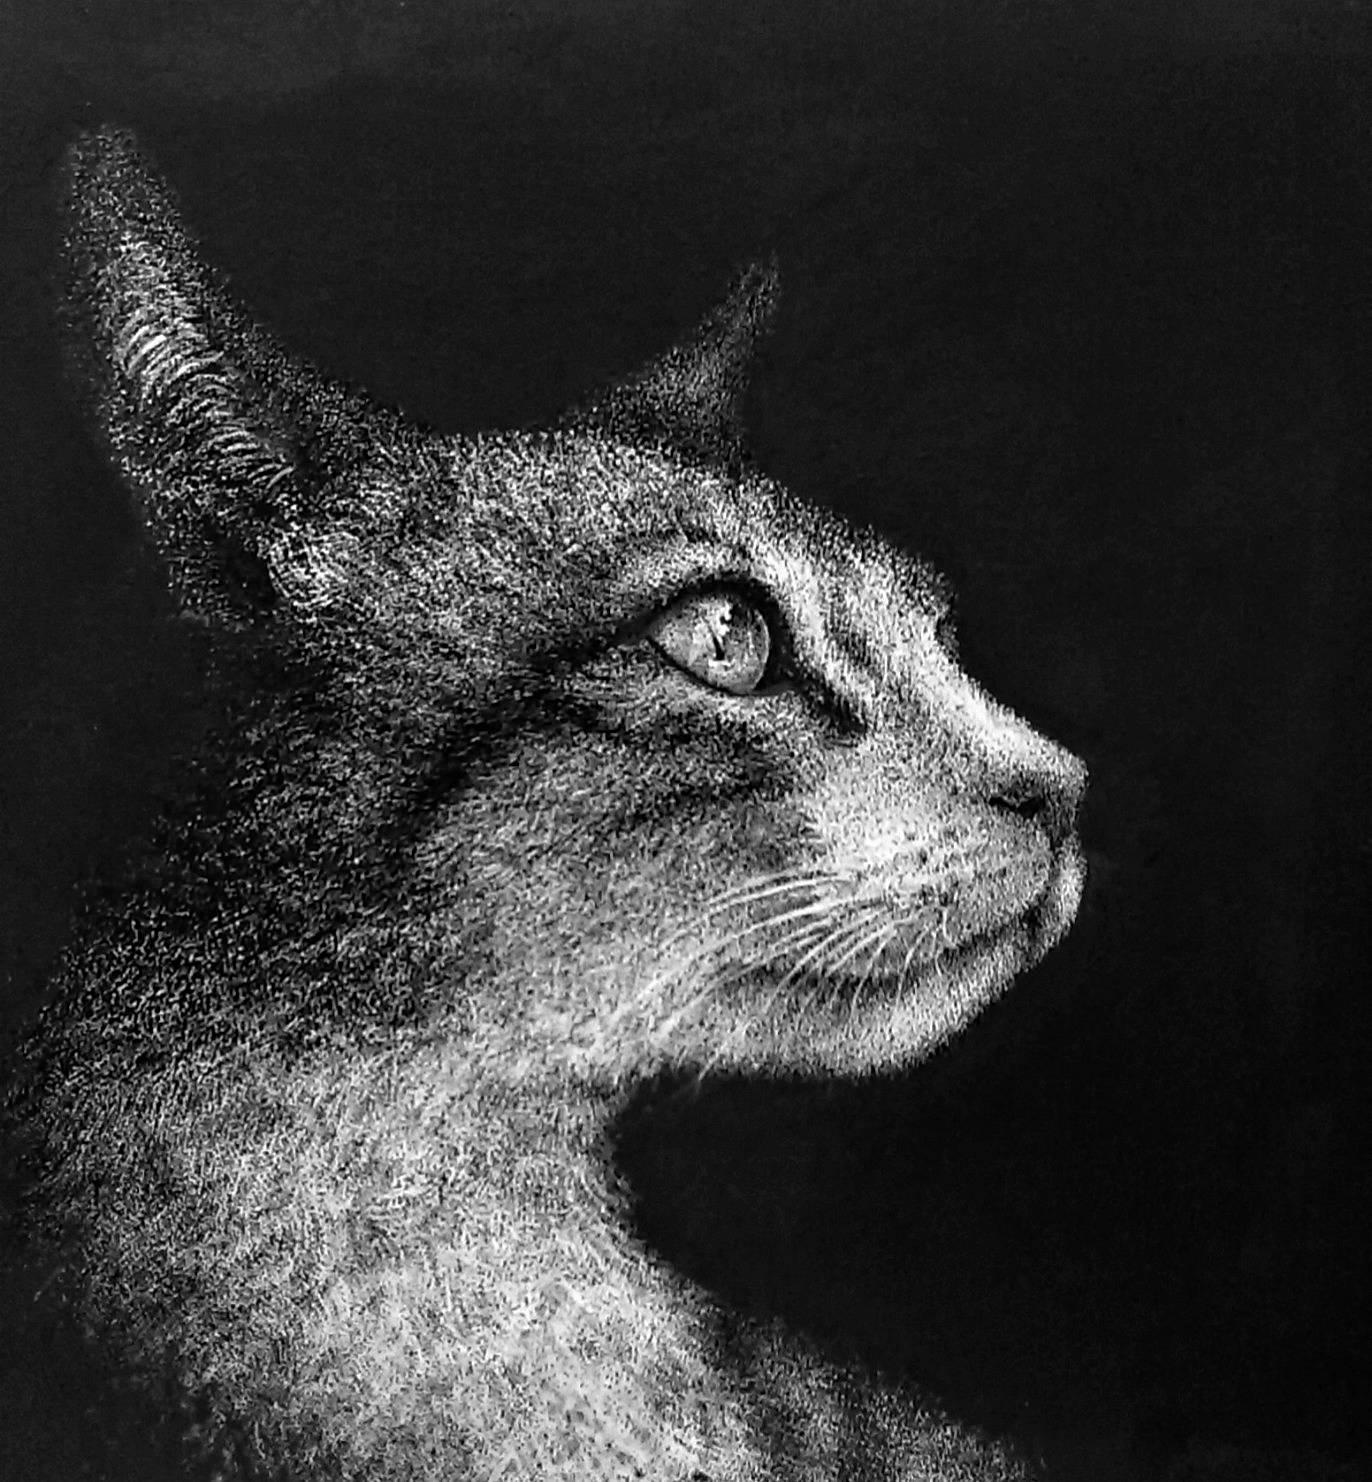 Котик в технике пуантилизьм